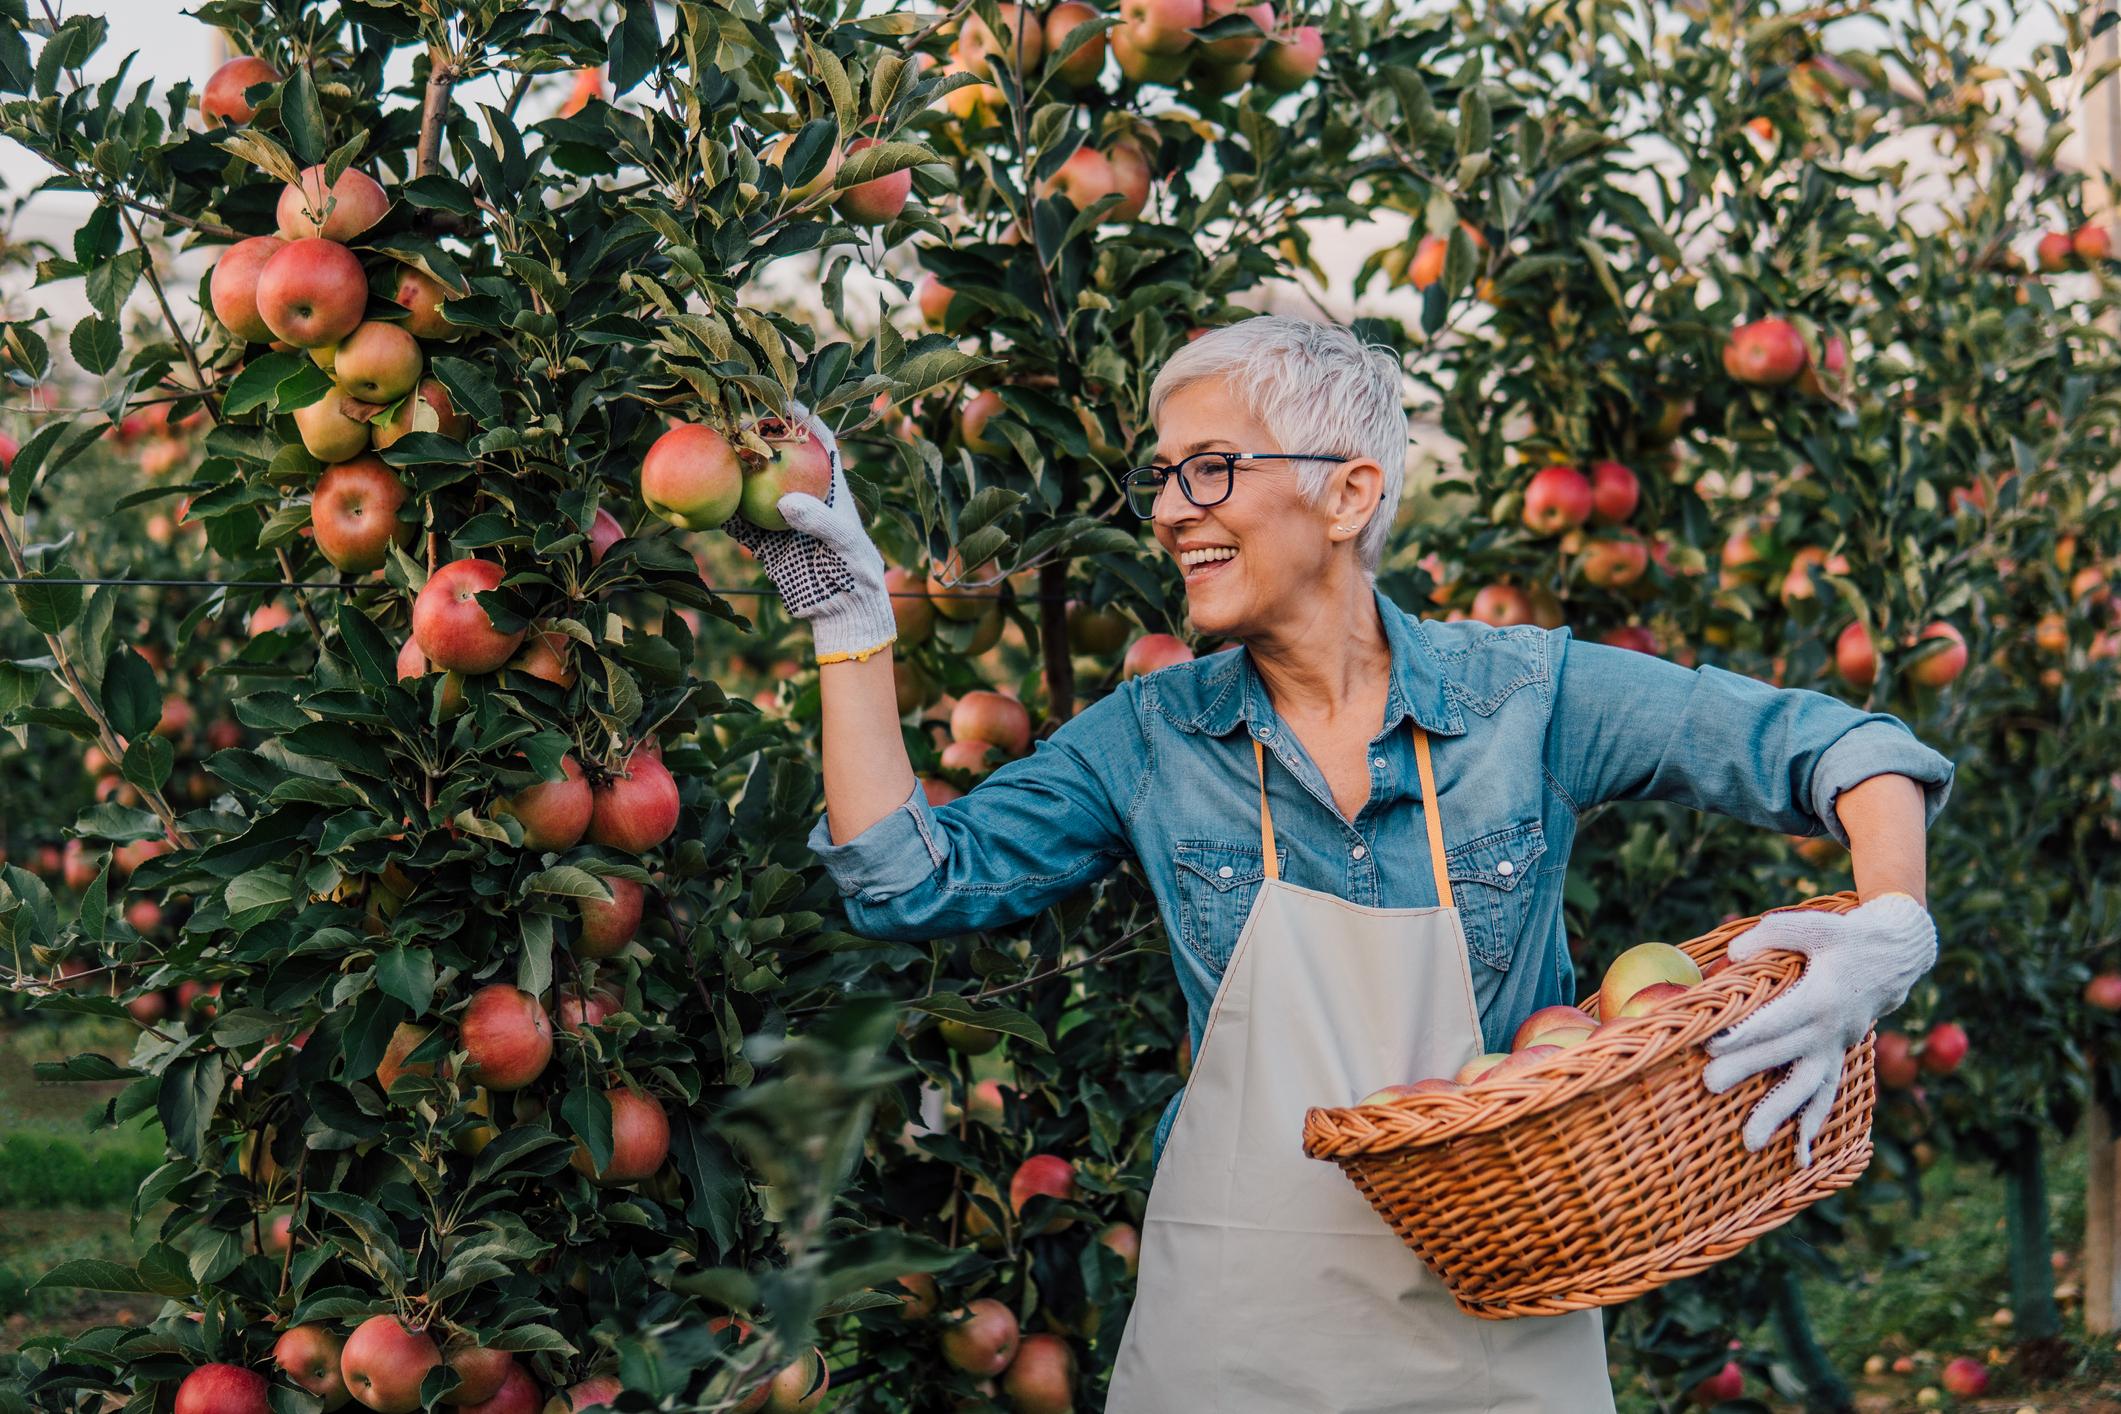 Jabuke i orasi samo su neke od namirnica koje je dobro konzumirati kod ovakvog zdravstvenog stanja.